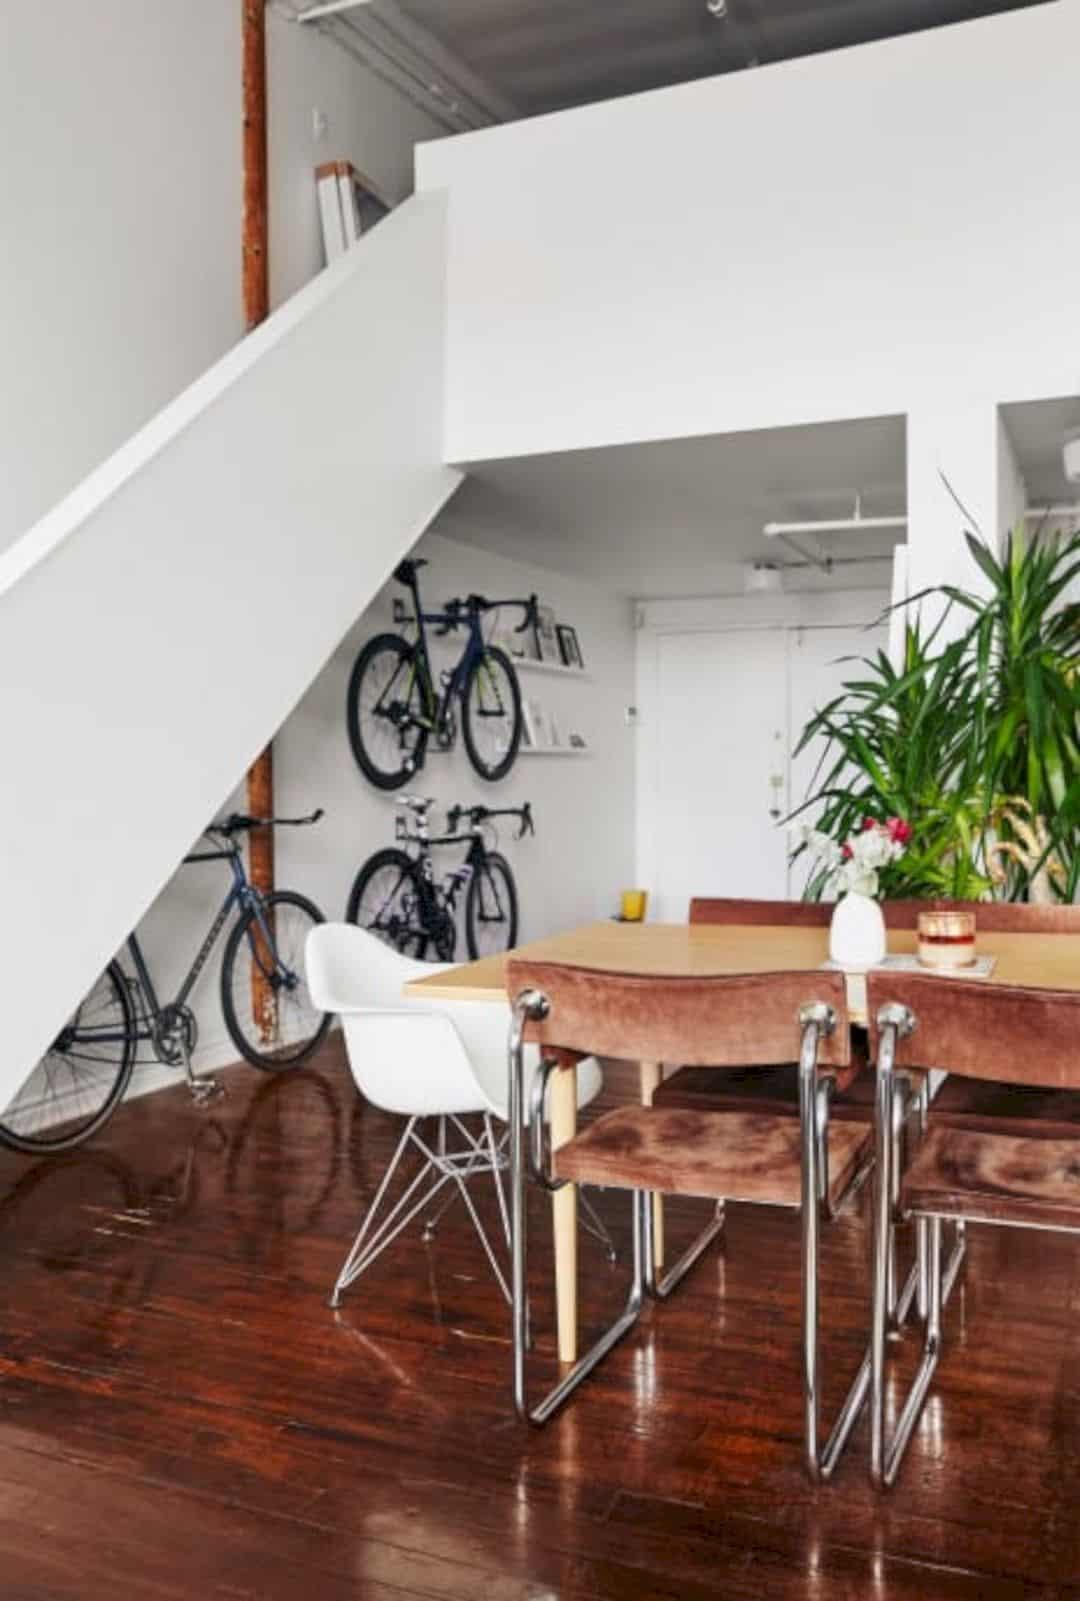 A Painter's Modern Loft 1